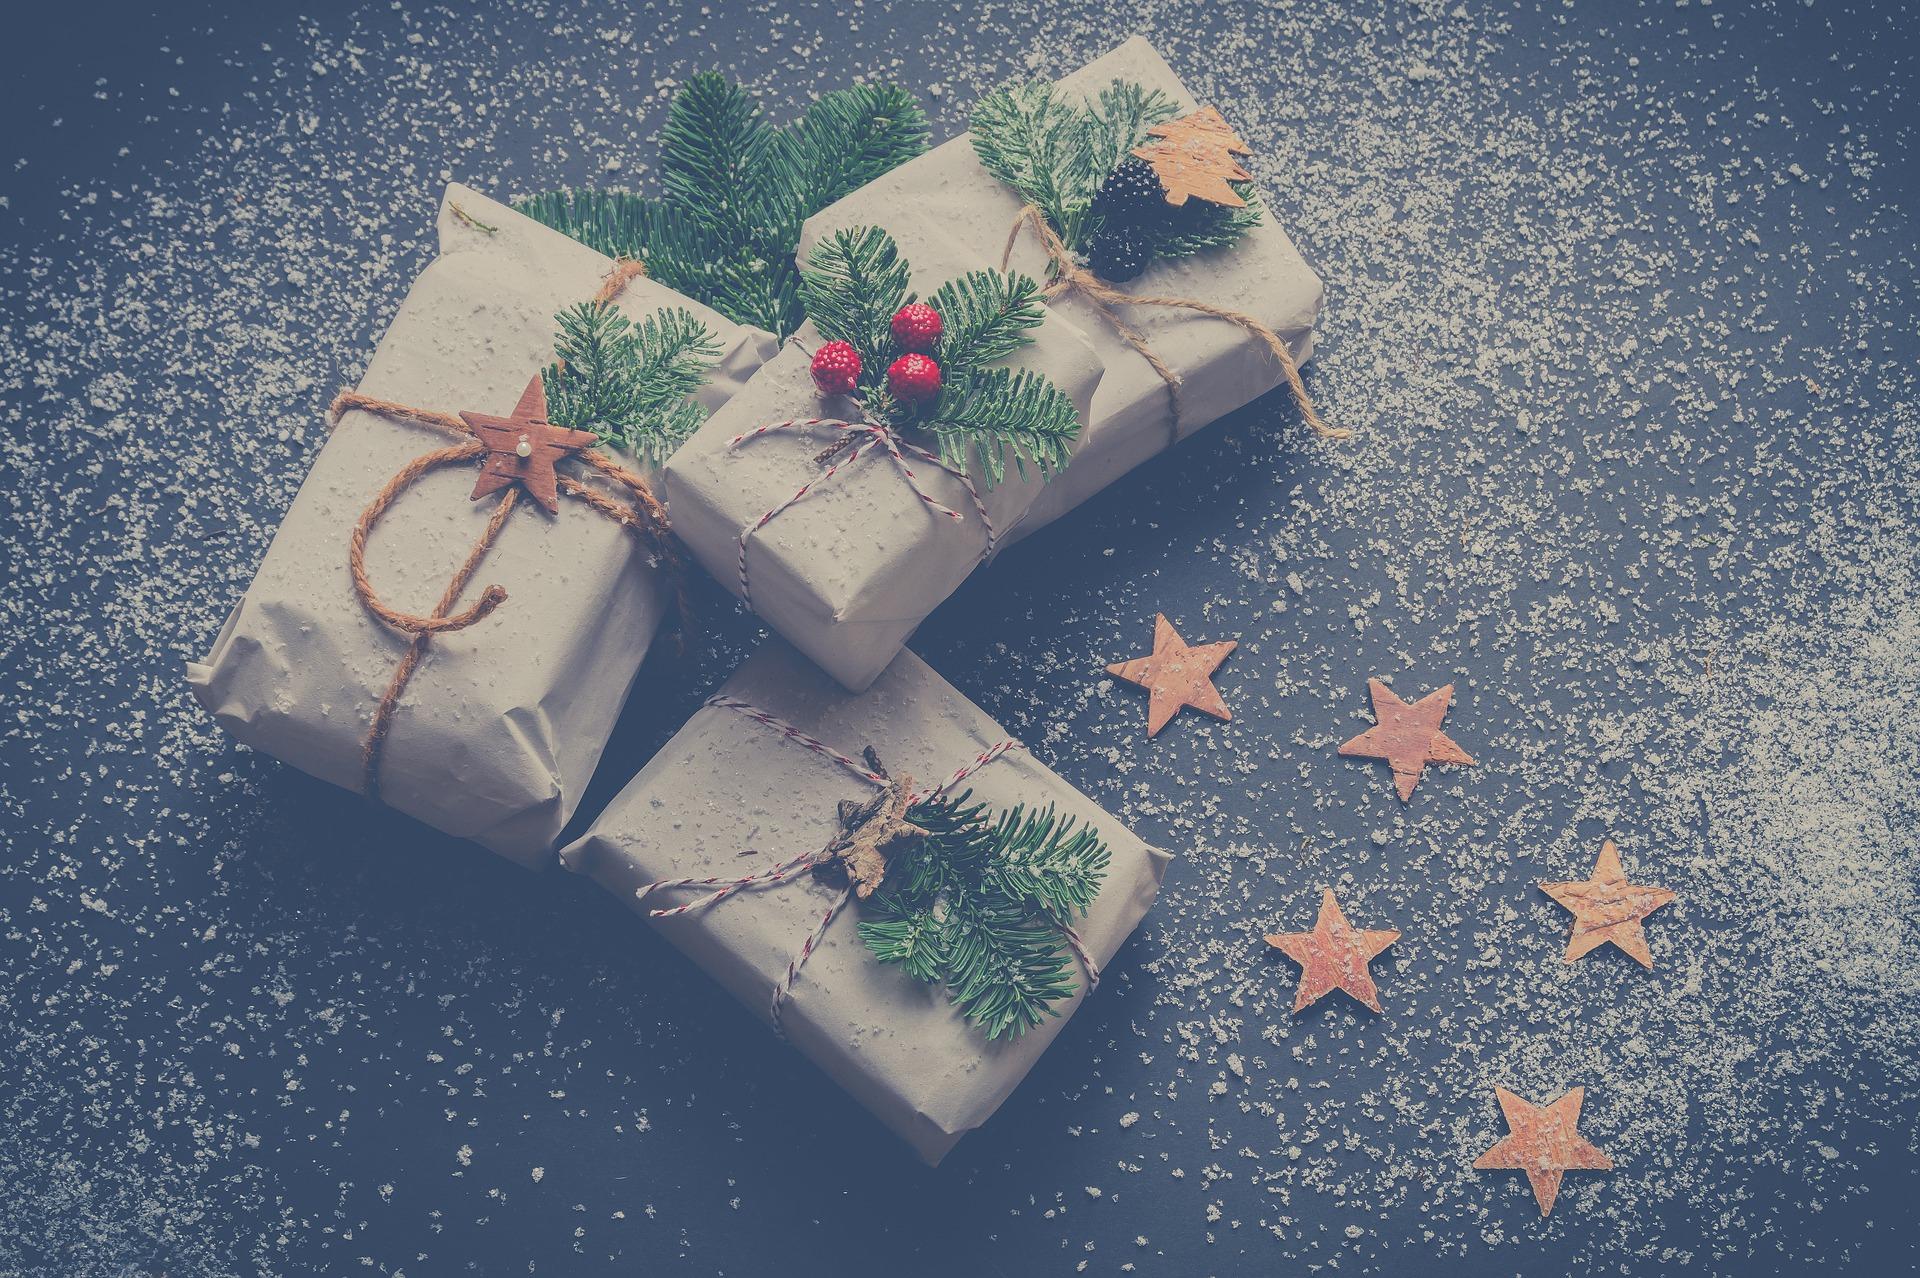 jak oszczędzać na świątecznych prezentach